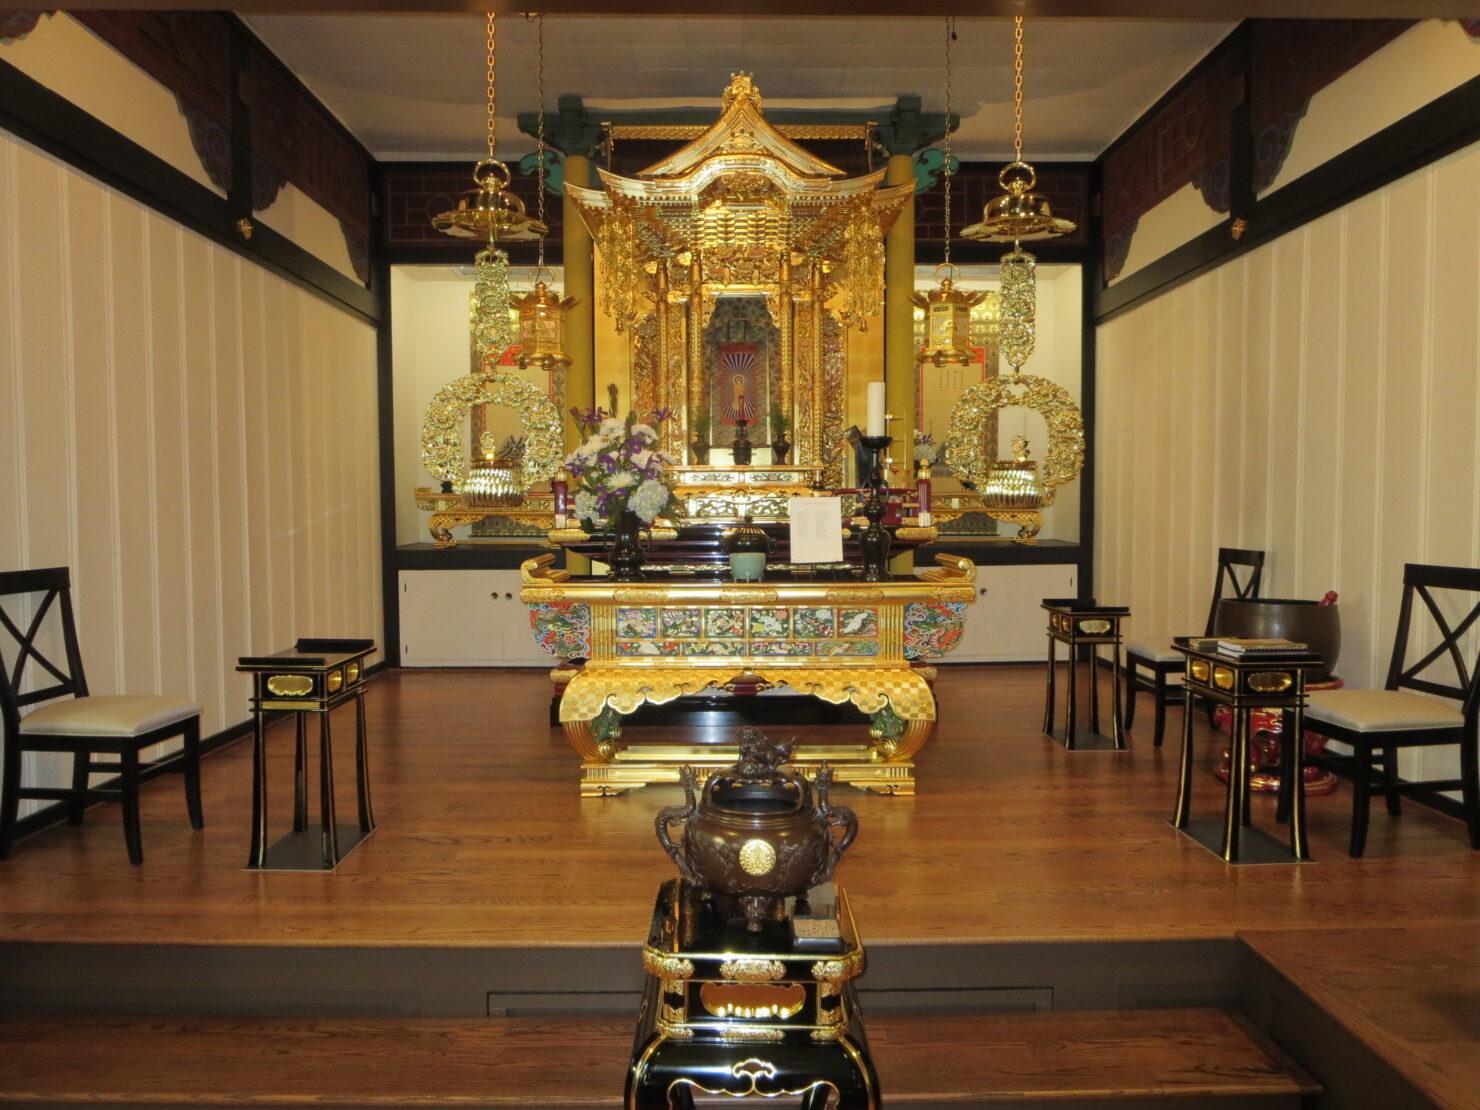 園満寺仏教会様 内陣正面